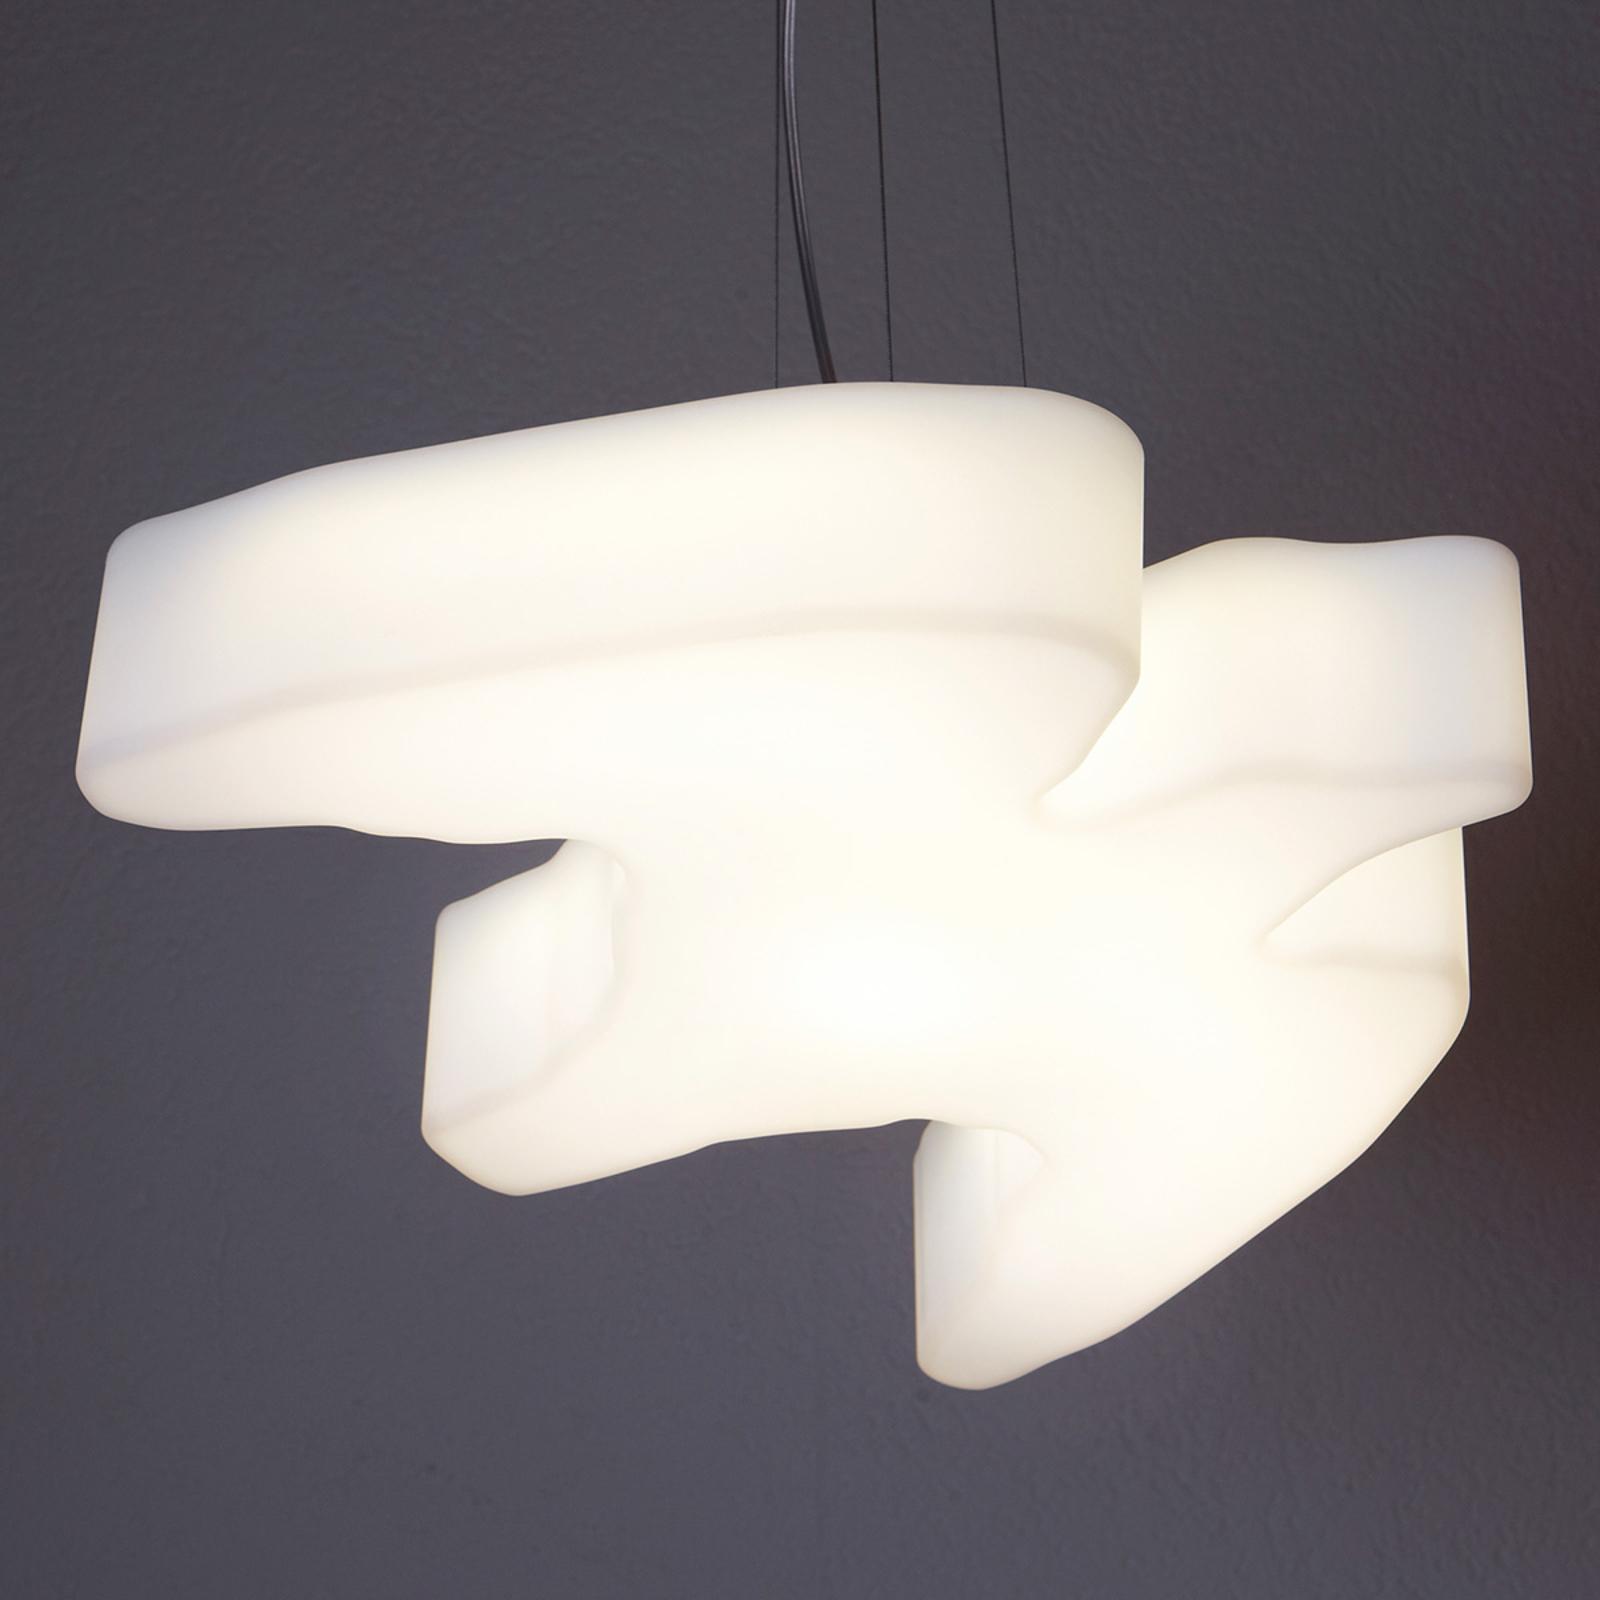 The Bird LED-hængelampe